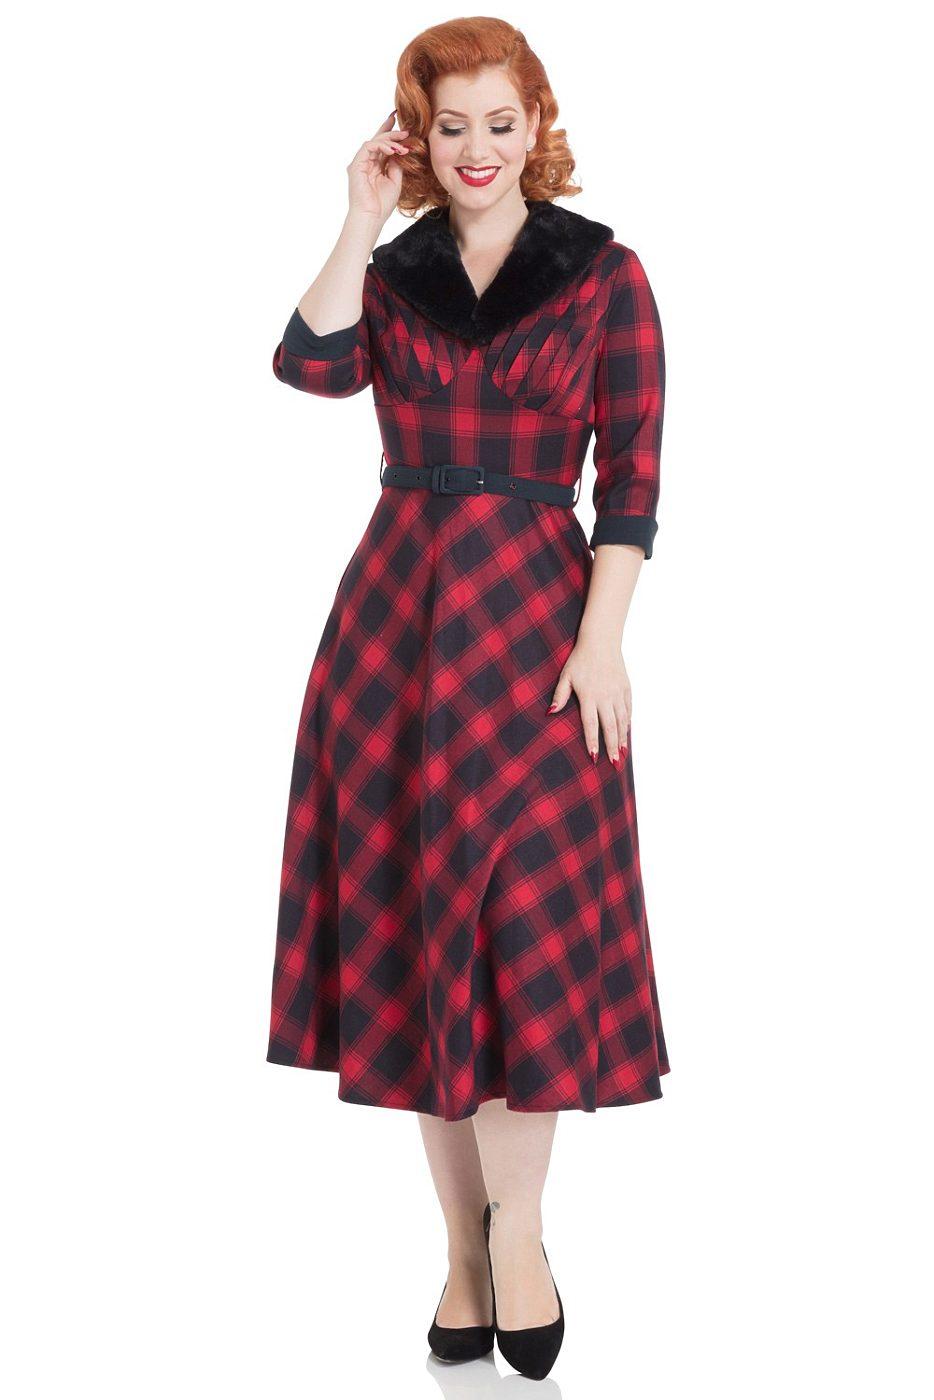 Barevné šaty s úzkou sukní Closet Deja. 36. 1 790 Kč. Tartanové červené šaty  s kožešinovým límcem Voodoo Vixen Lola b80fca2ce4